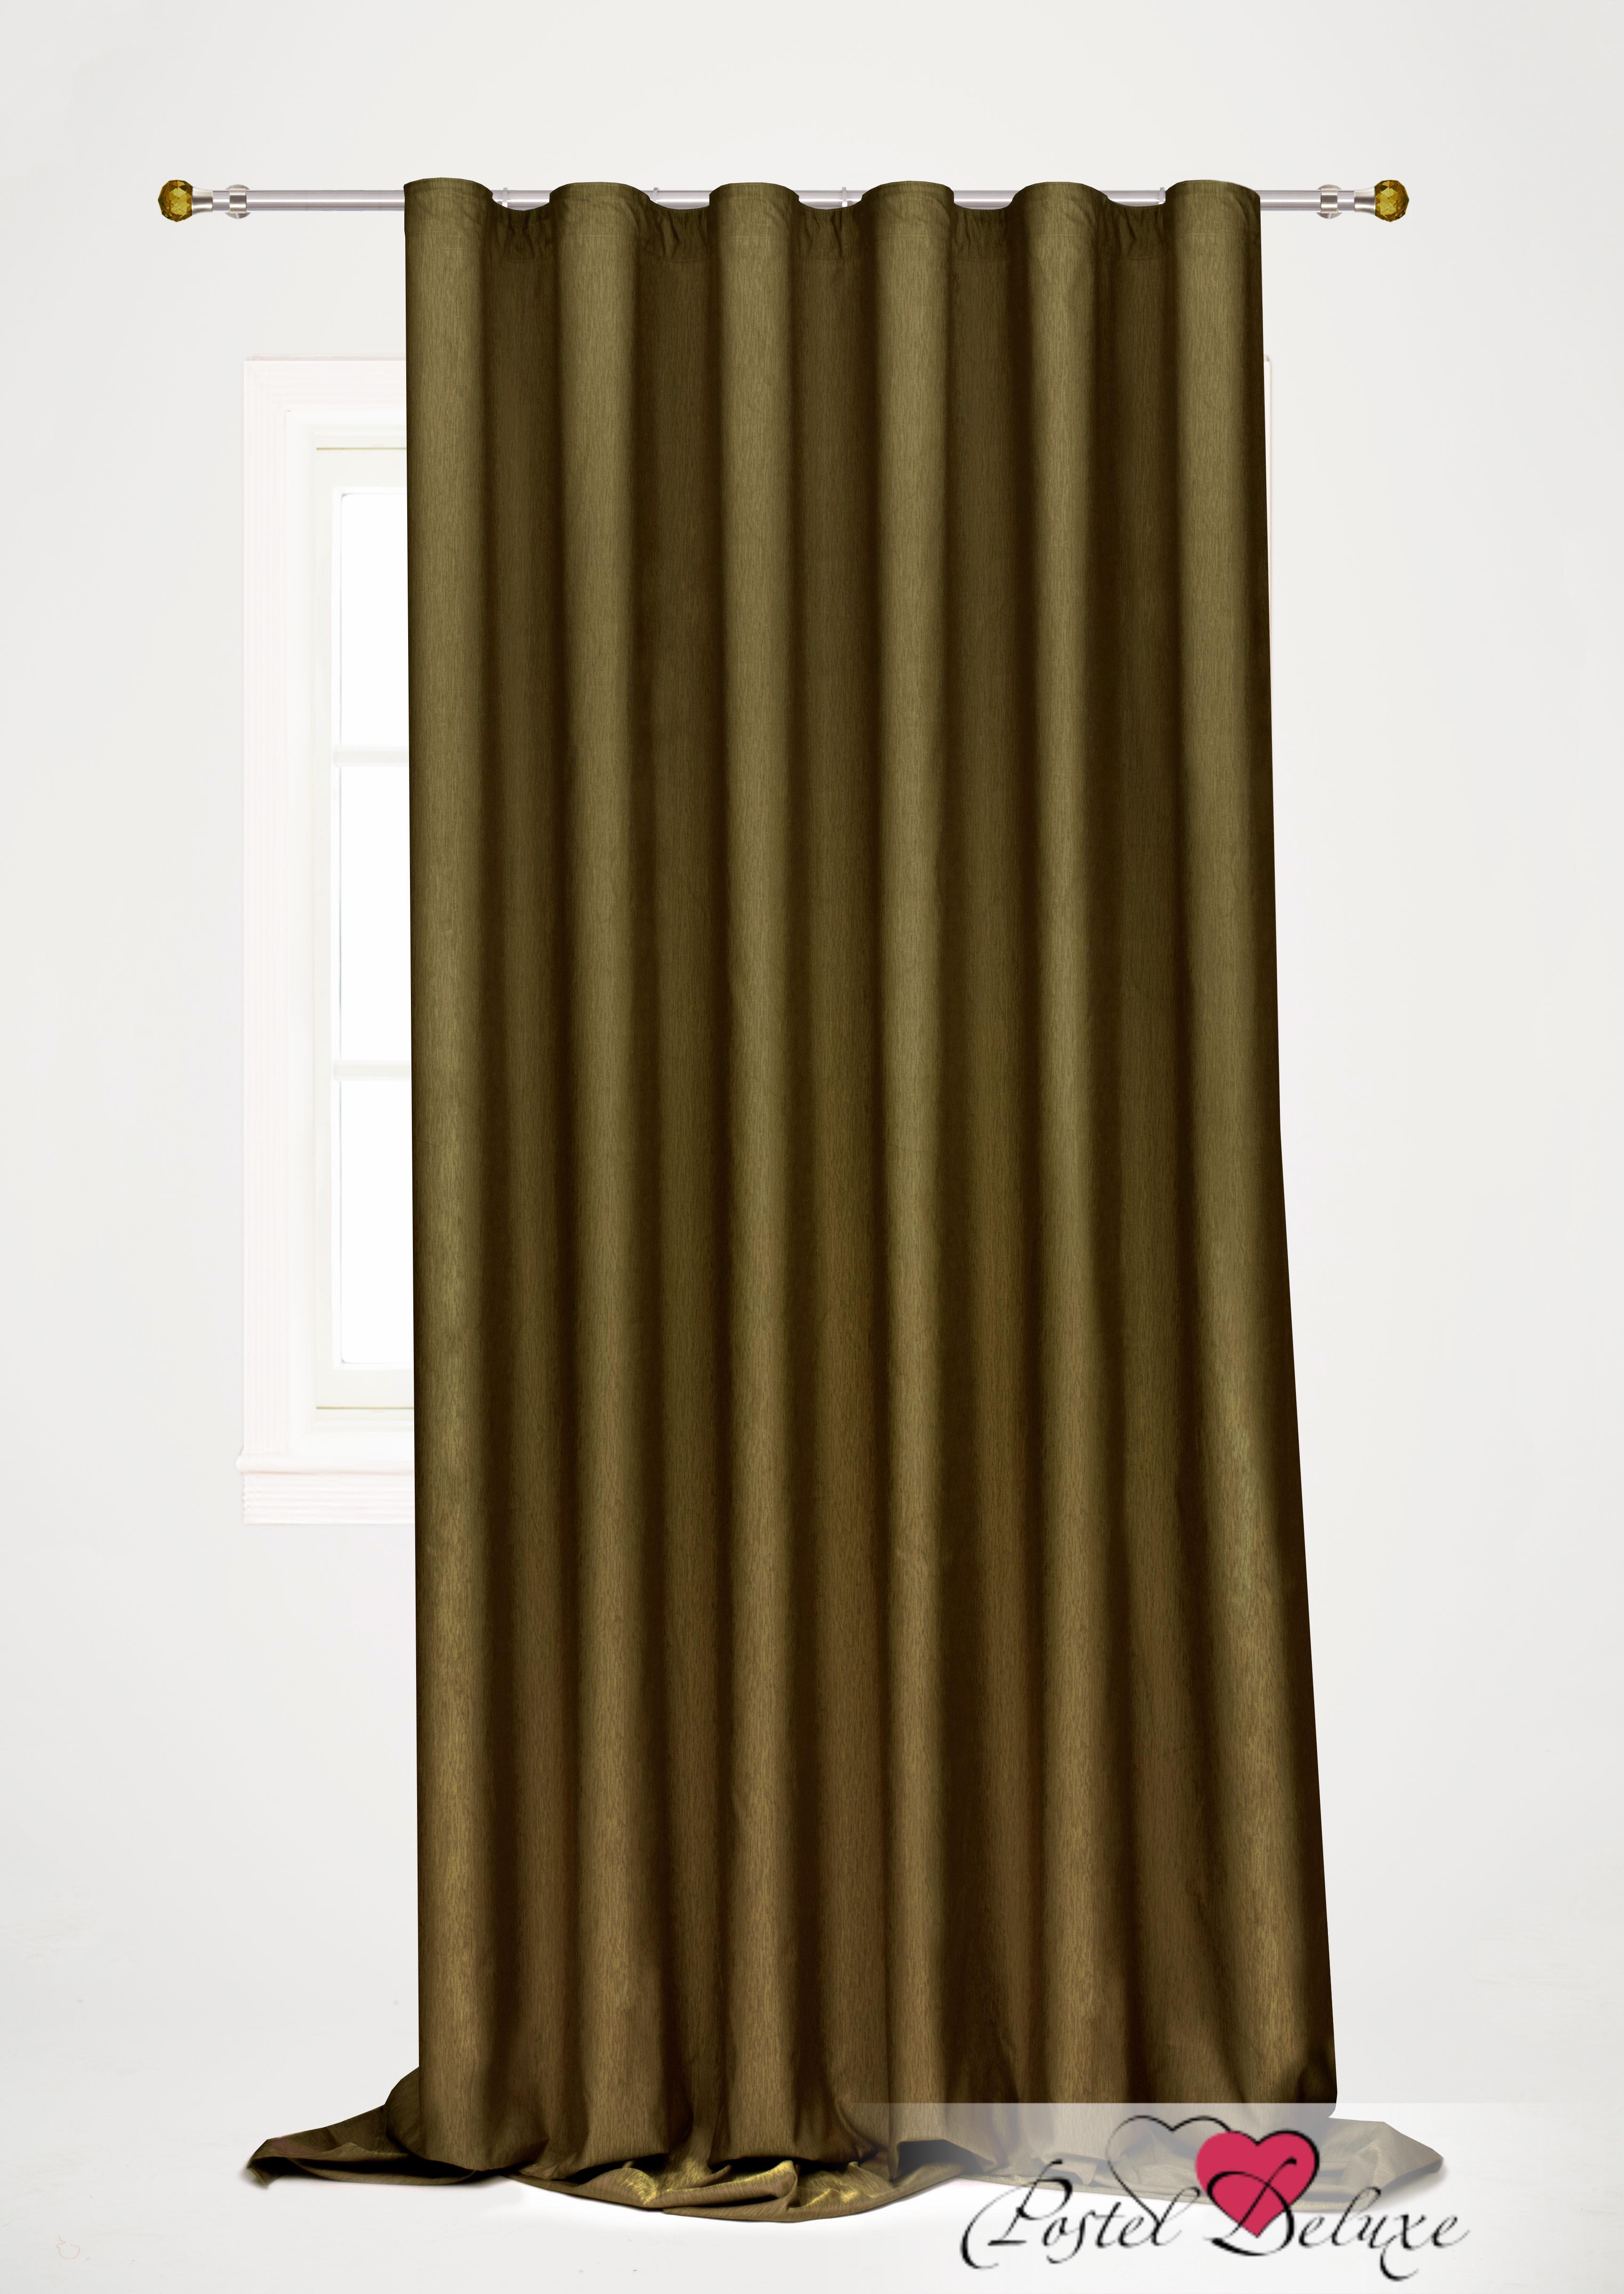 Шторы GardenШторы<br>ВНИМАНИЕ! Комплектация штор может отличаться от представленной на фотографии. Фактическая комплектация указана в описании изделия.<br><br>Производитель: Garden<br>Cтрана производства: Турция<br>Классические шторы<br>Материал портьеры: Тафта<br>Состав портьеры: 100% полиэстер<br>Размер портьеры: 200х260 см (1 шт.)<br>Вид крепления: Лента<br>Рекомендуемая ширина карниза (см): 100-290<br><br>Заказывая шторы нужно помнить, что полотно портьеры (2 шт. для 1 окна) и гардины (1 шт на окно) не вешается «в натяжку». Исключение составляют римские и японские шторы. Все остальные модели предусматривают образование складок, а для этого ширина шторы должно быть больше длины карниза (как правило в 1.5-2.5 раза). Чем больше соотношение тем гуще складки, коэффициент 1.5 считается минимально допустимой сборкой, в то время как 2.5 сборка с густыми складками. Размер карниза указанный в описании предполагает, что вы будете использовать 1 гардину на 1 окно. Ели вы собираетесь использовать к примеру 2 гардины на 1 окно, то размер карниза должен быть в 2 раза больше, чем указано.<br><br>Тип: шторы<br>Размерность комплекта: Классические шторы<br>Материал: Тафта<br>Размер наволочки: None<br>Подарочная упаковка: Классические шторы<br>Для детей: Классические шторы<br>Ткань: Тафта<br>Цвет: Зеленый